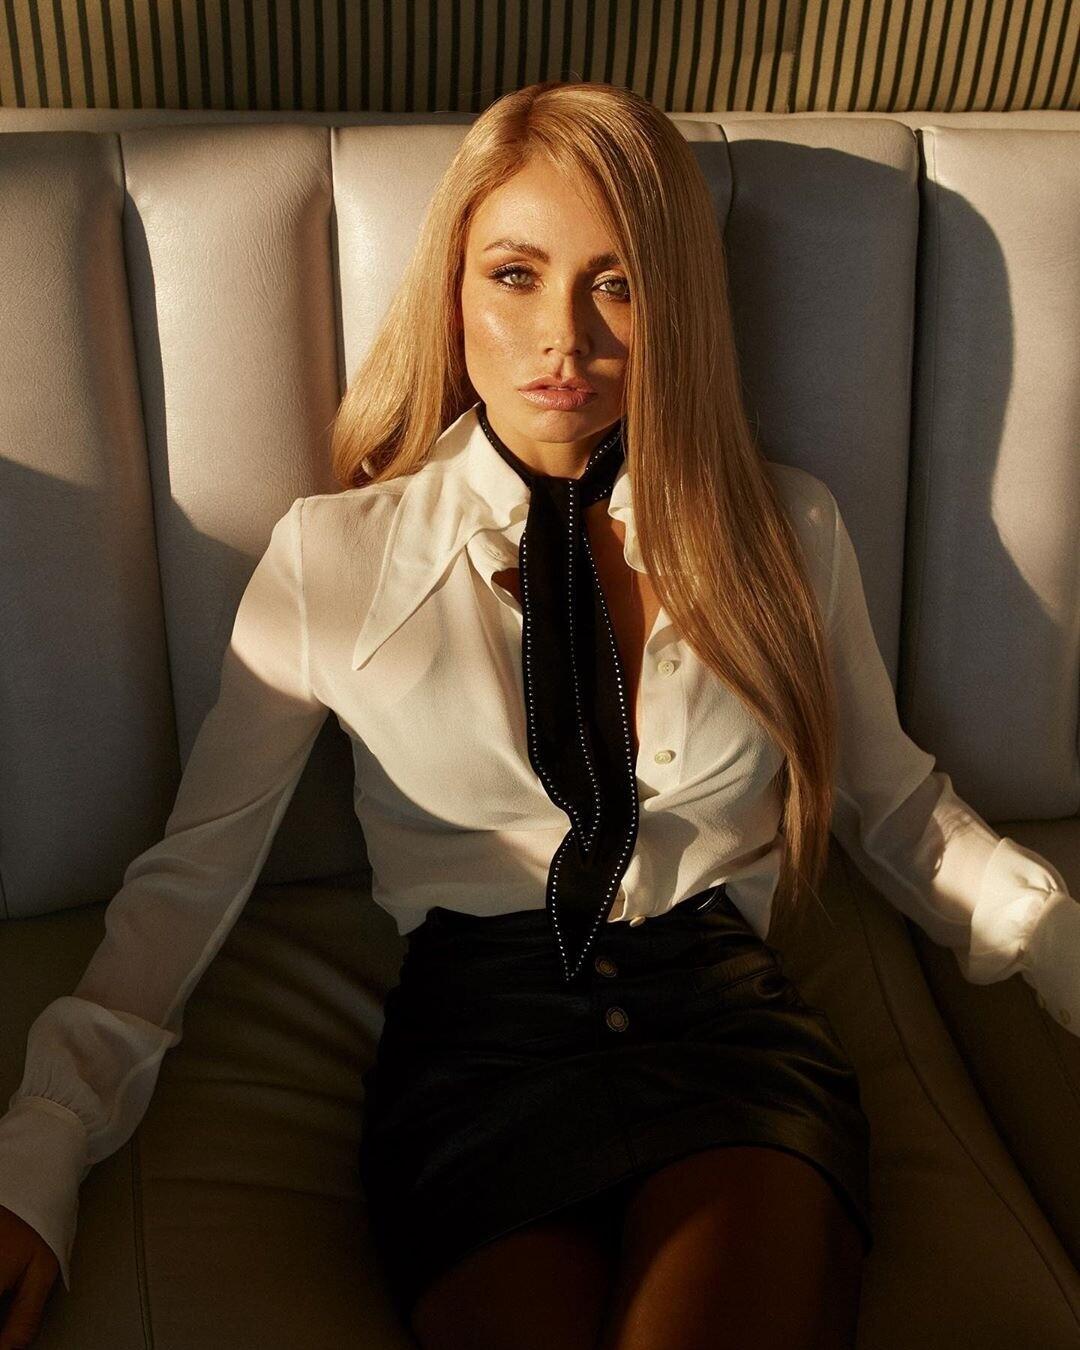 Ляйсан Утяшева стала платиновой блондинкой (видео)